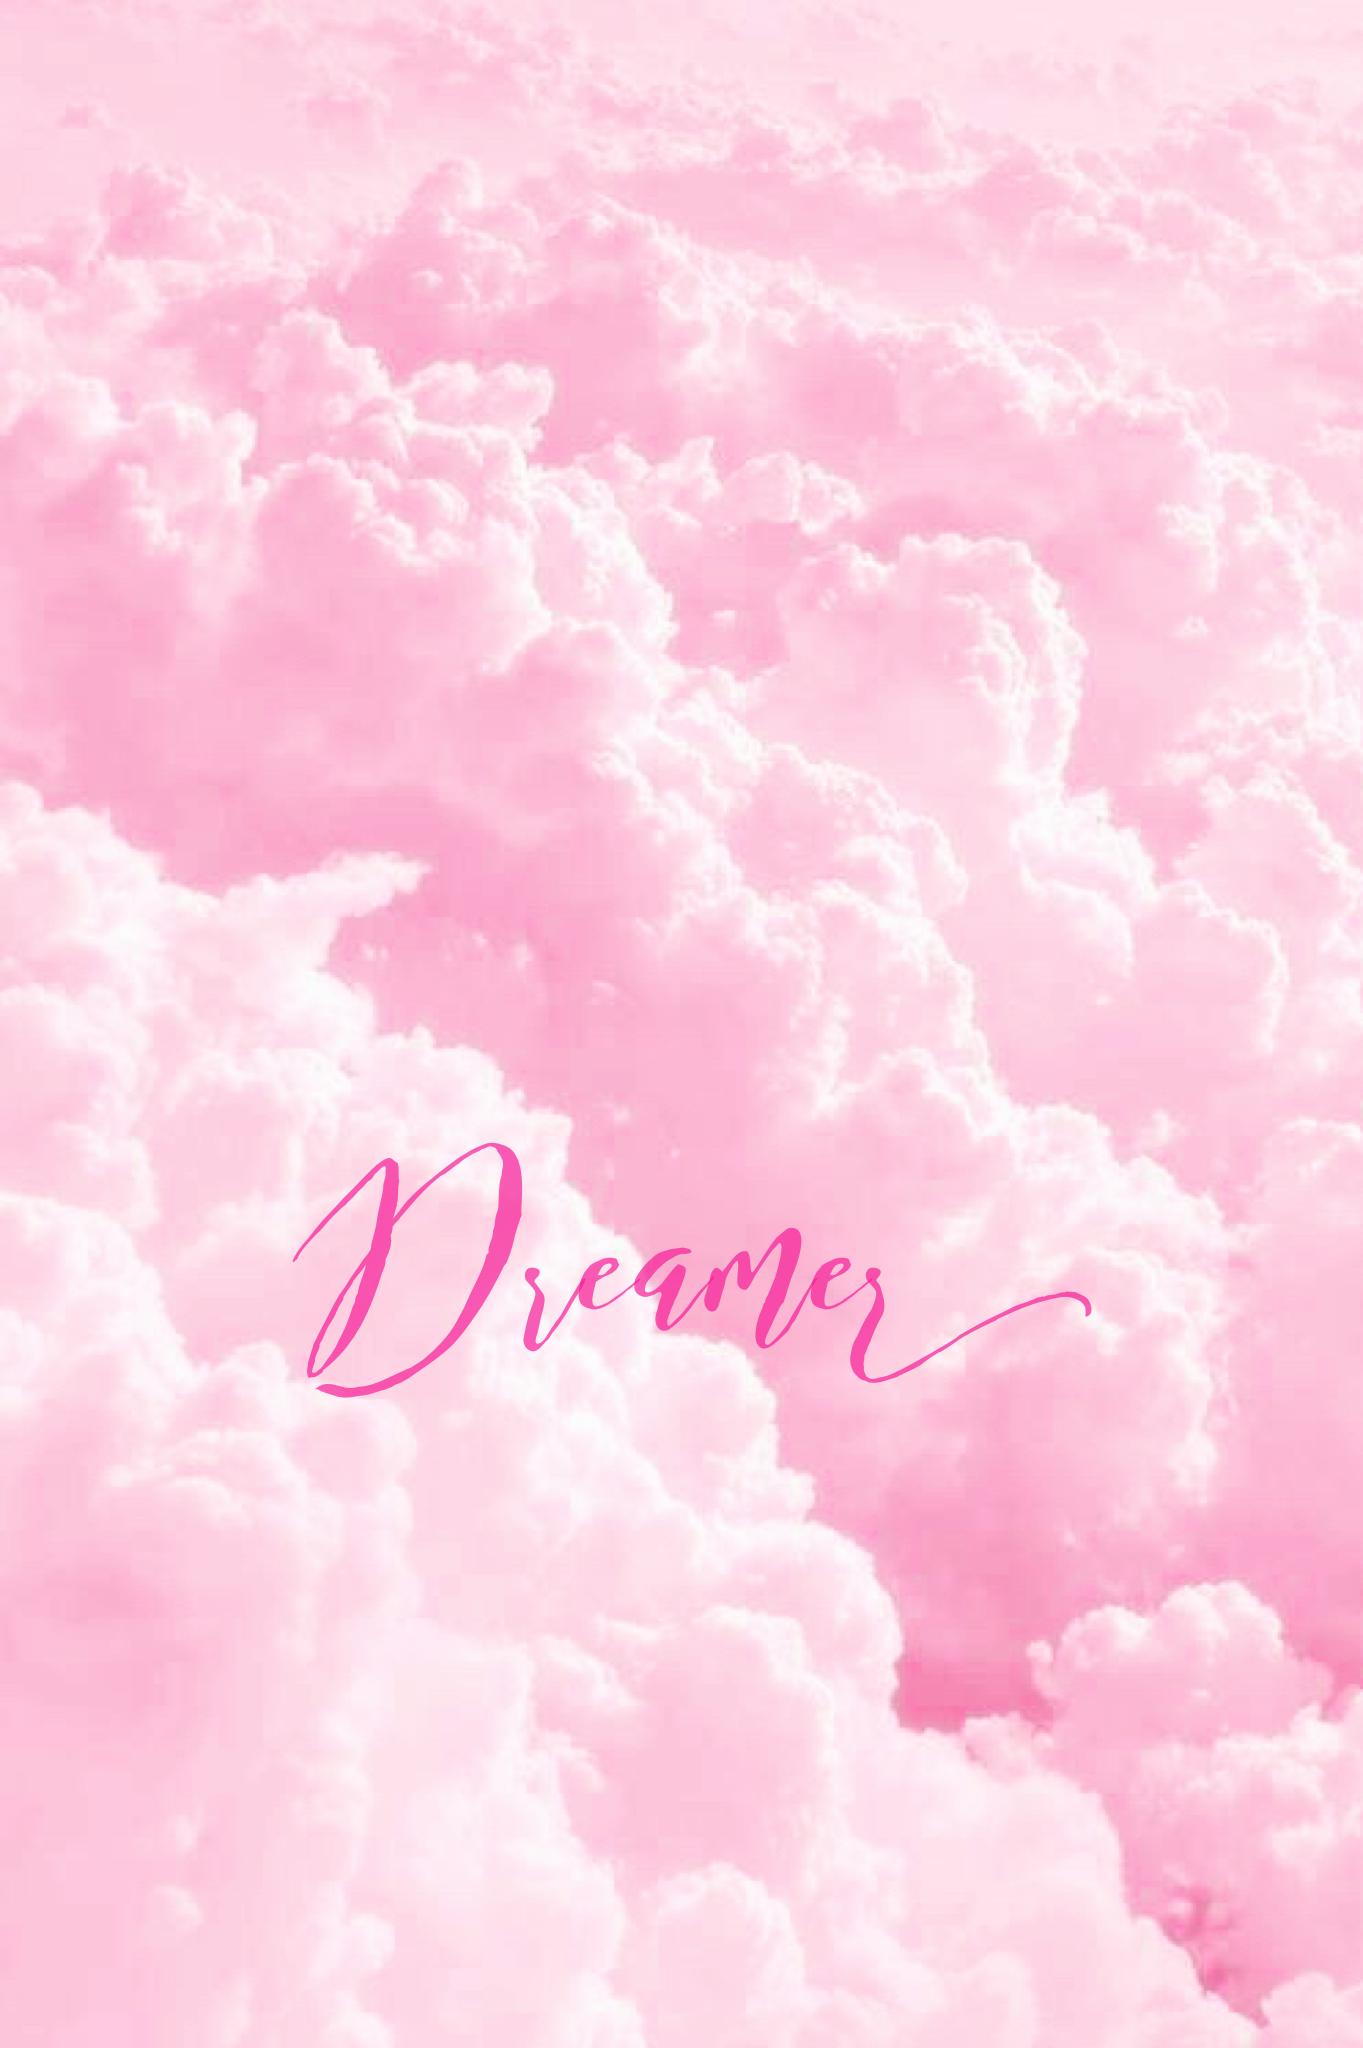 Pink Dreamer iPhone/Mobile Background EvaLand Pastel